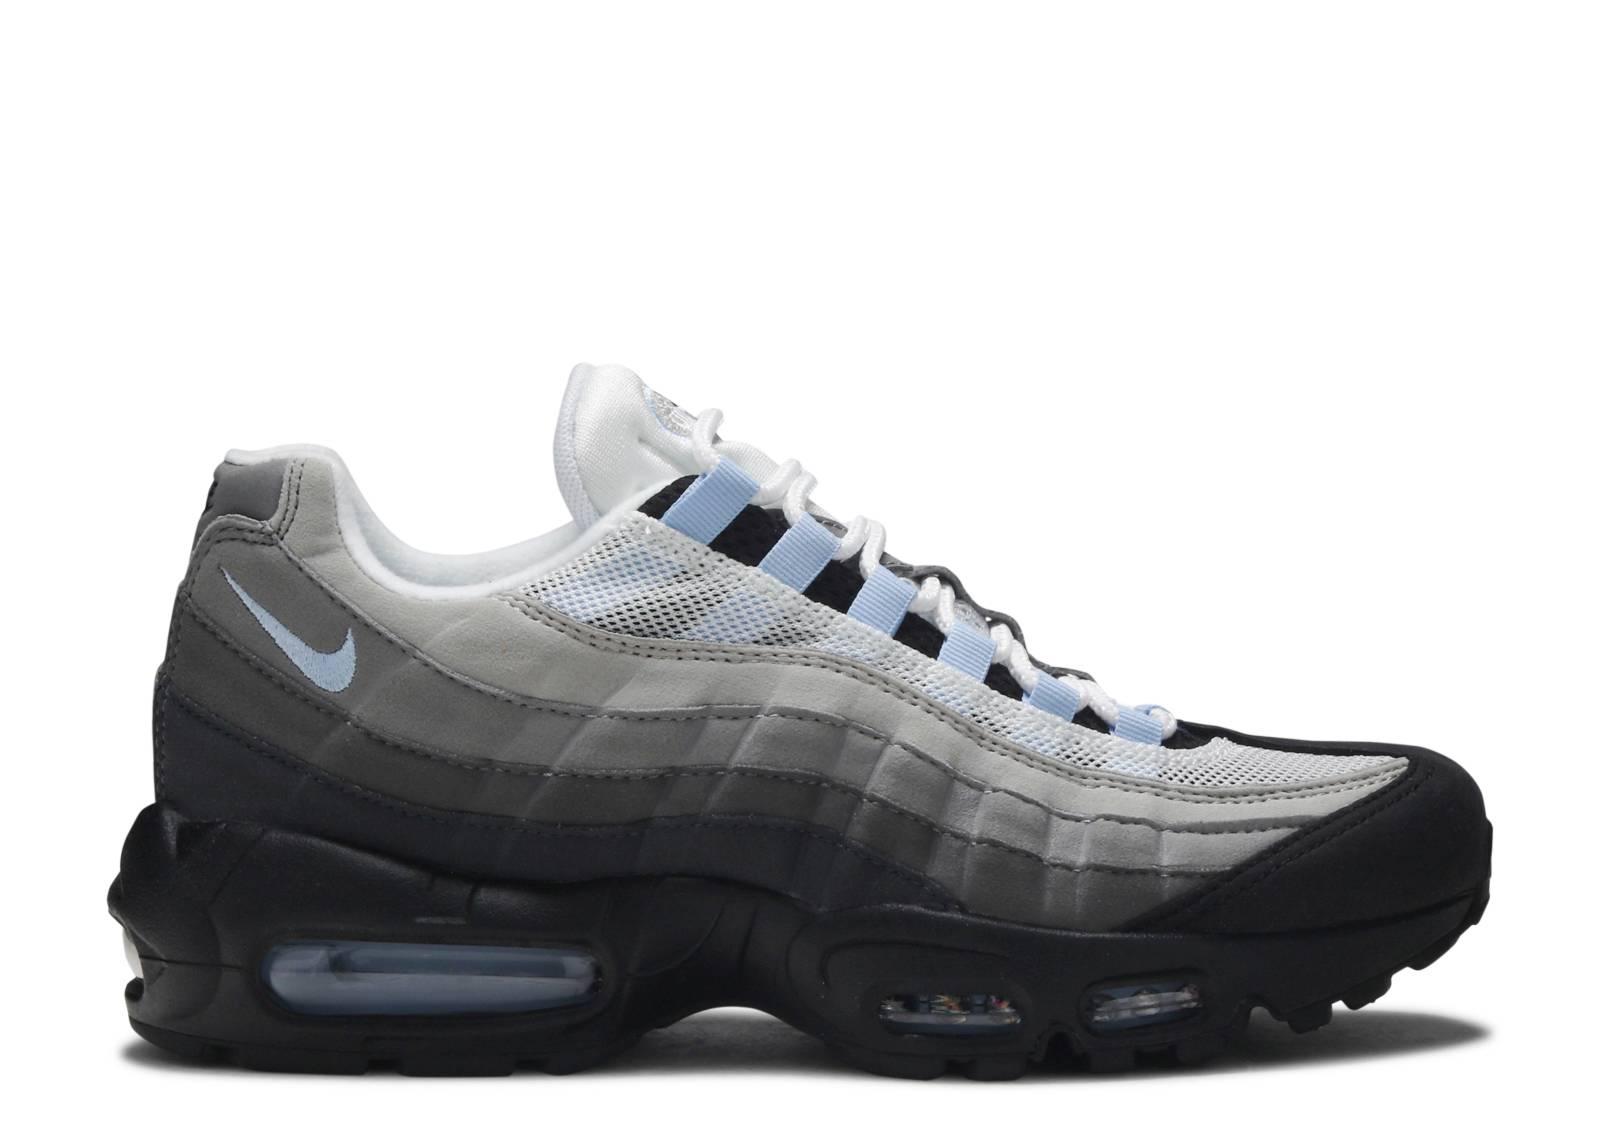 sports shoes 031a0 51707 Nike Air Max 95